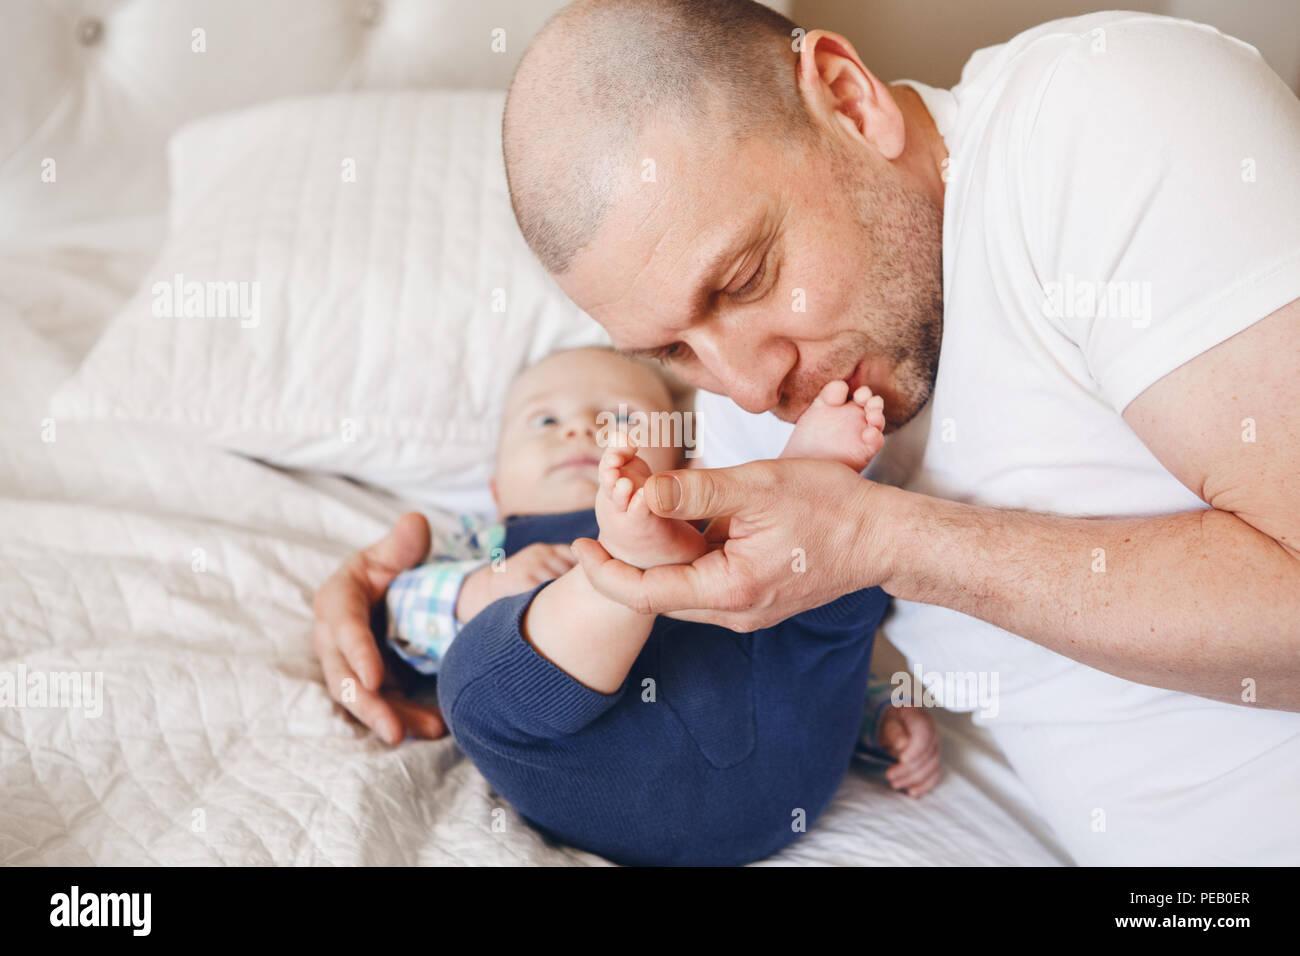 Portrait touchant du moyen age woman in white t-shirt au lit avec bébé nouveau-né fils embrasser ses pieds orteils, parentalité enfance bondin Banque D'Images